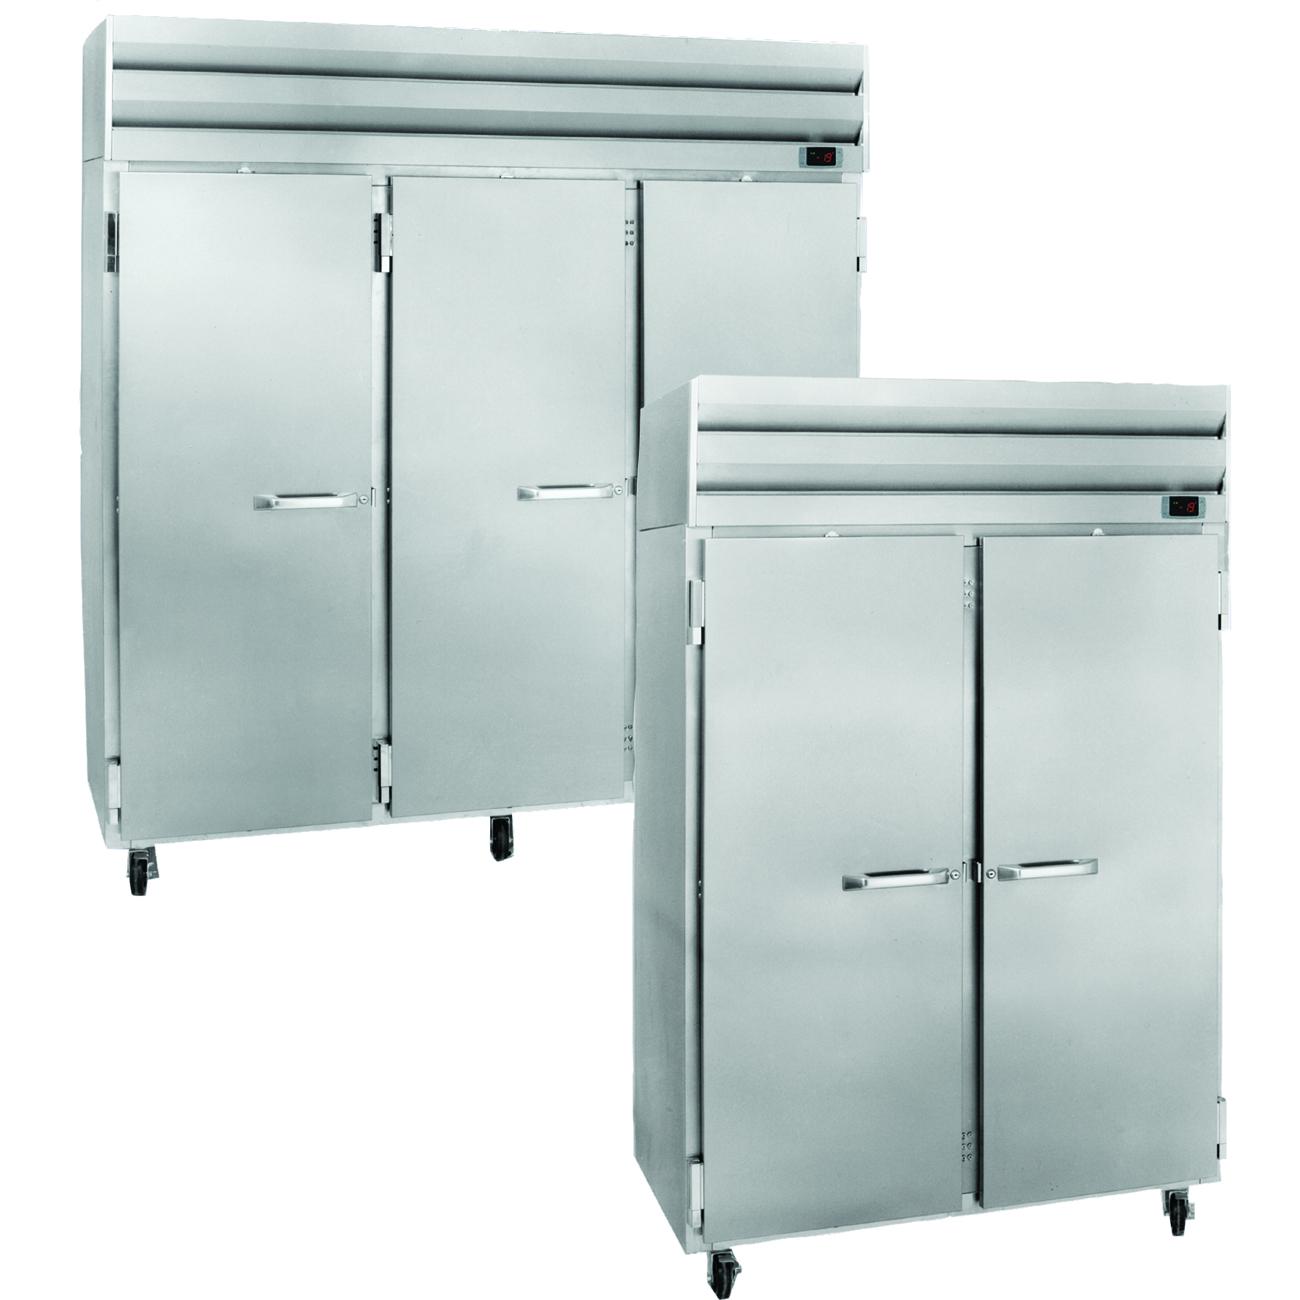 Howard-McCray SF48-S-FF freezer, reach-in